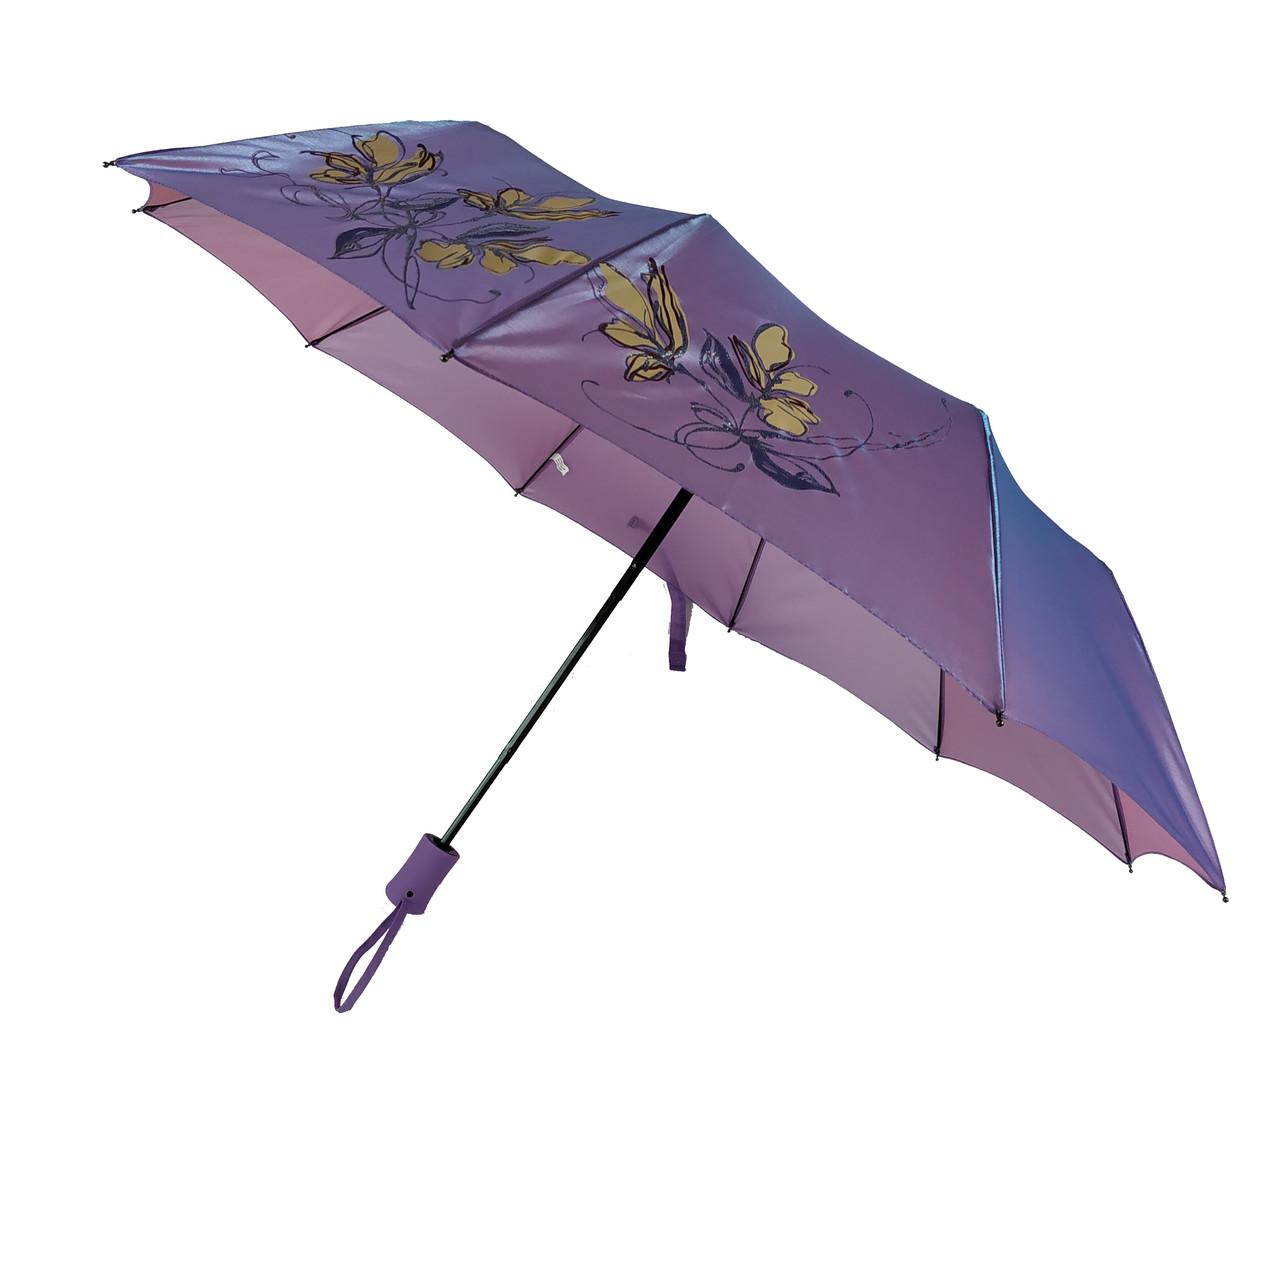 Женский зонт полуавтомат Bellissimo на 10 спиц с цветочным узором, фиолетовый, 2018-6